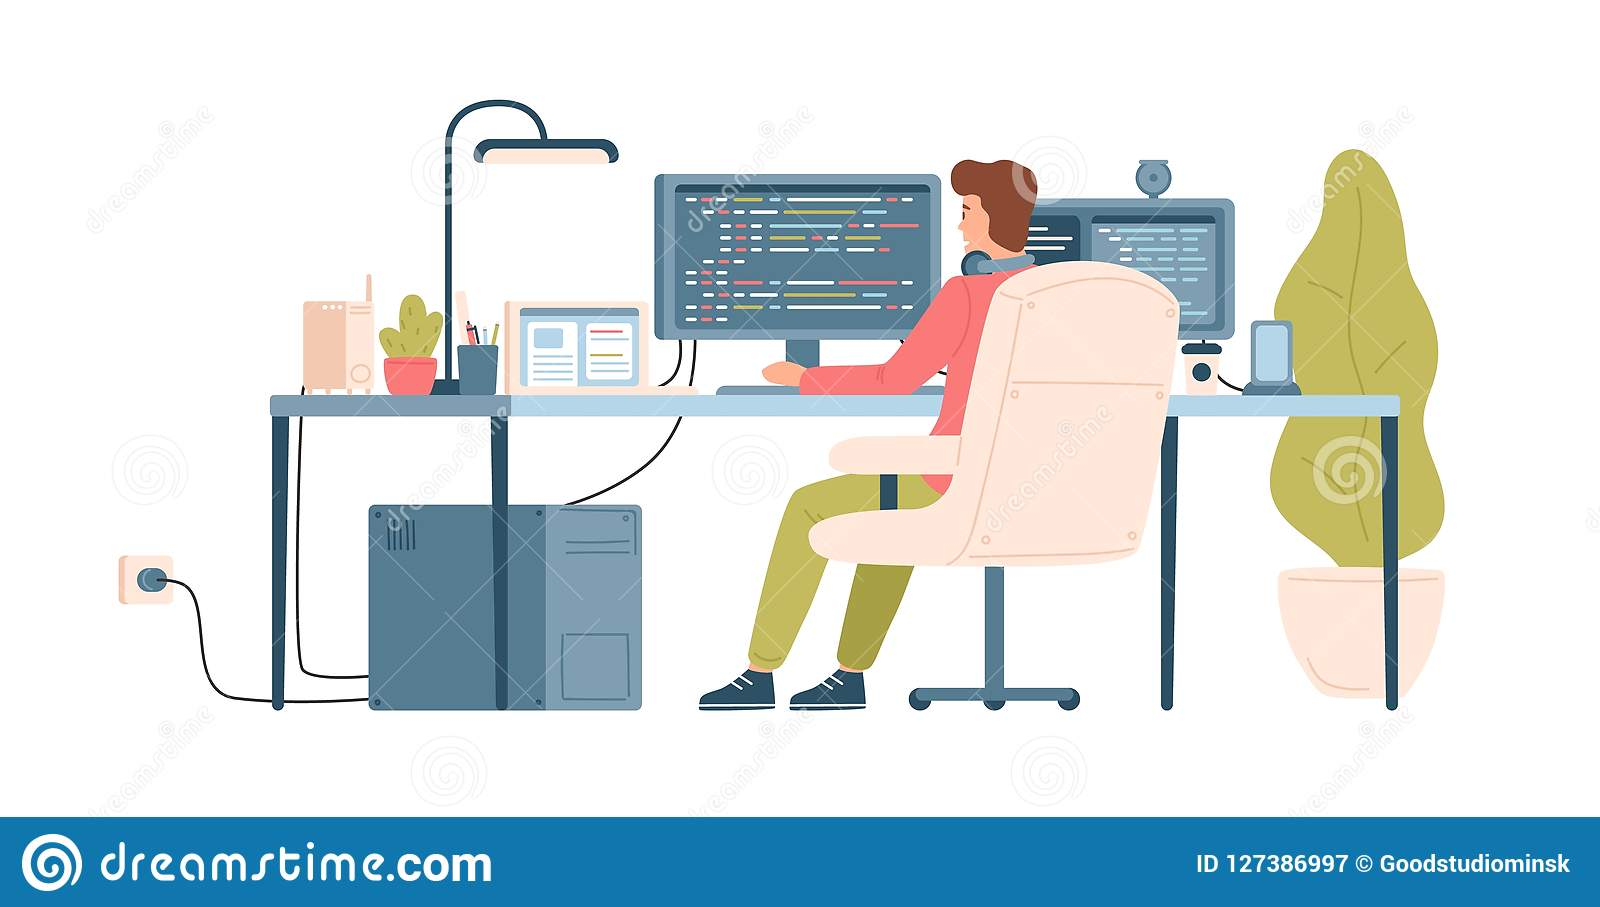 Programador, codificador, promotor de web o Software Engineer que se sienta en el escritorio y que trabaja en el ordenador o la p